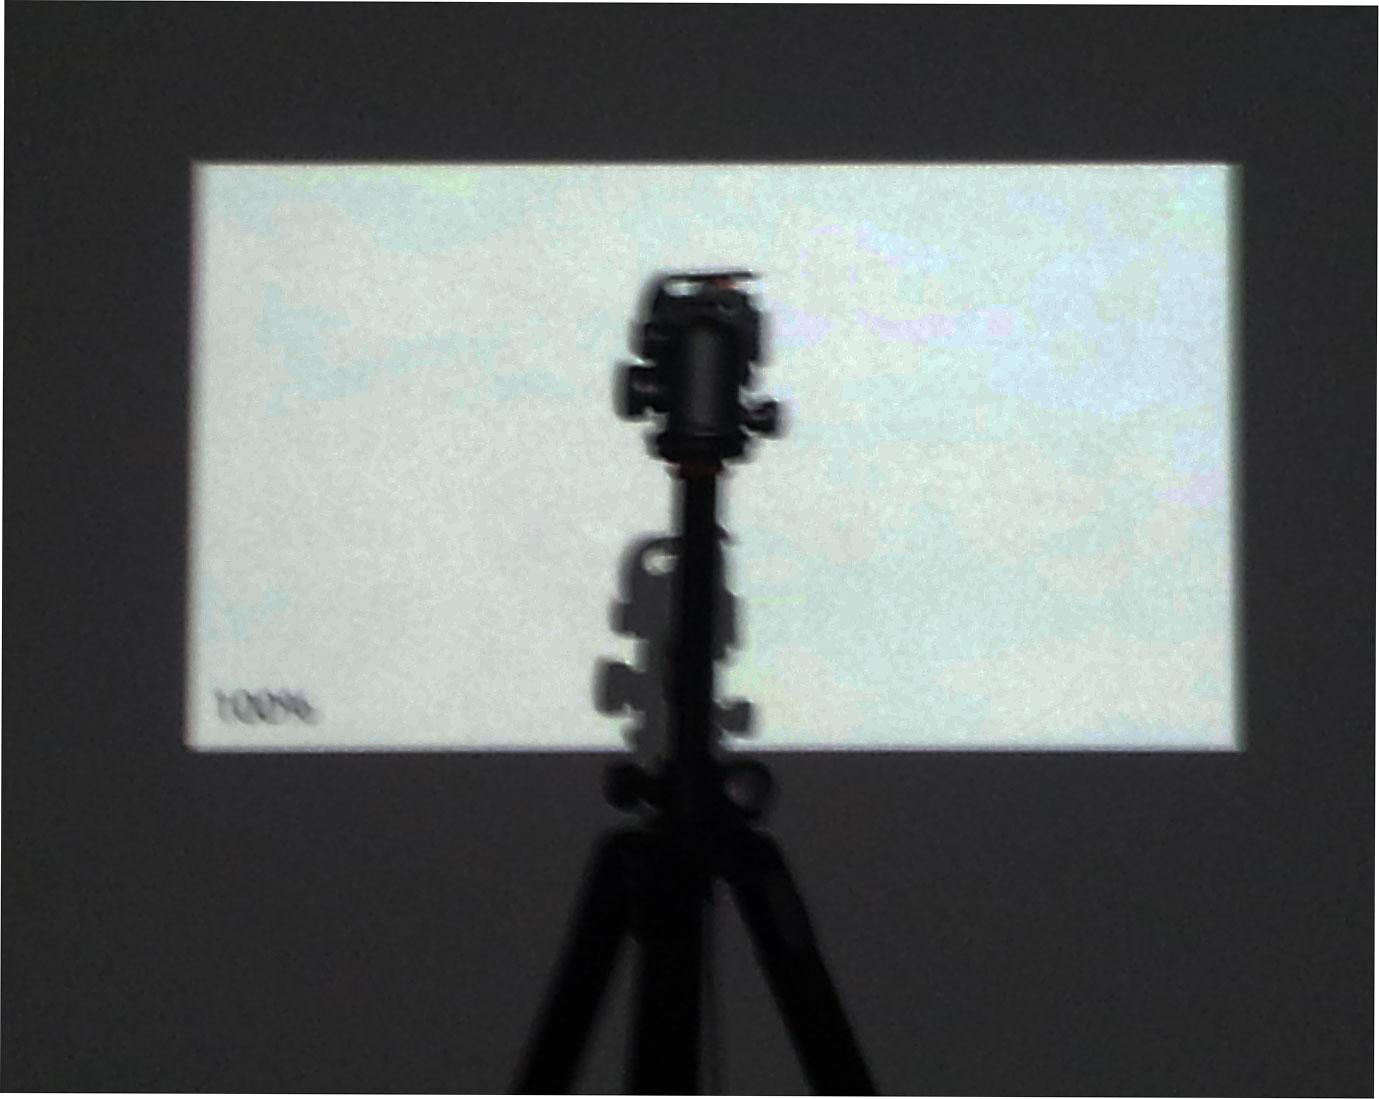 d3 colorimeter calibrating projector